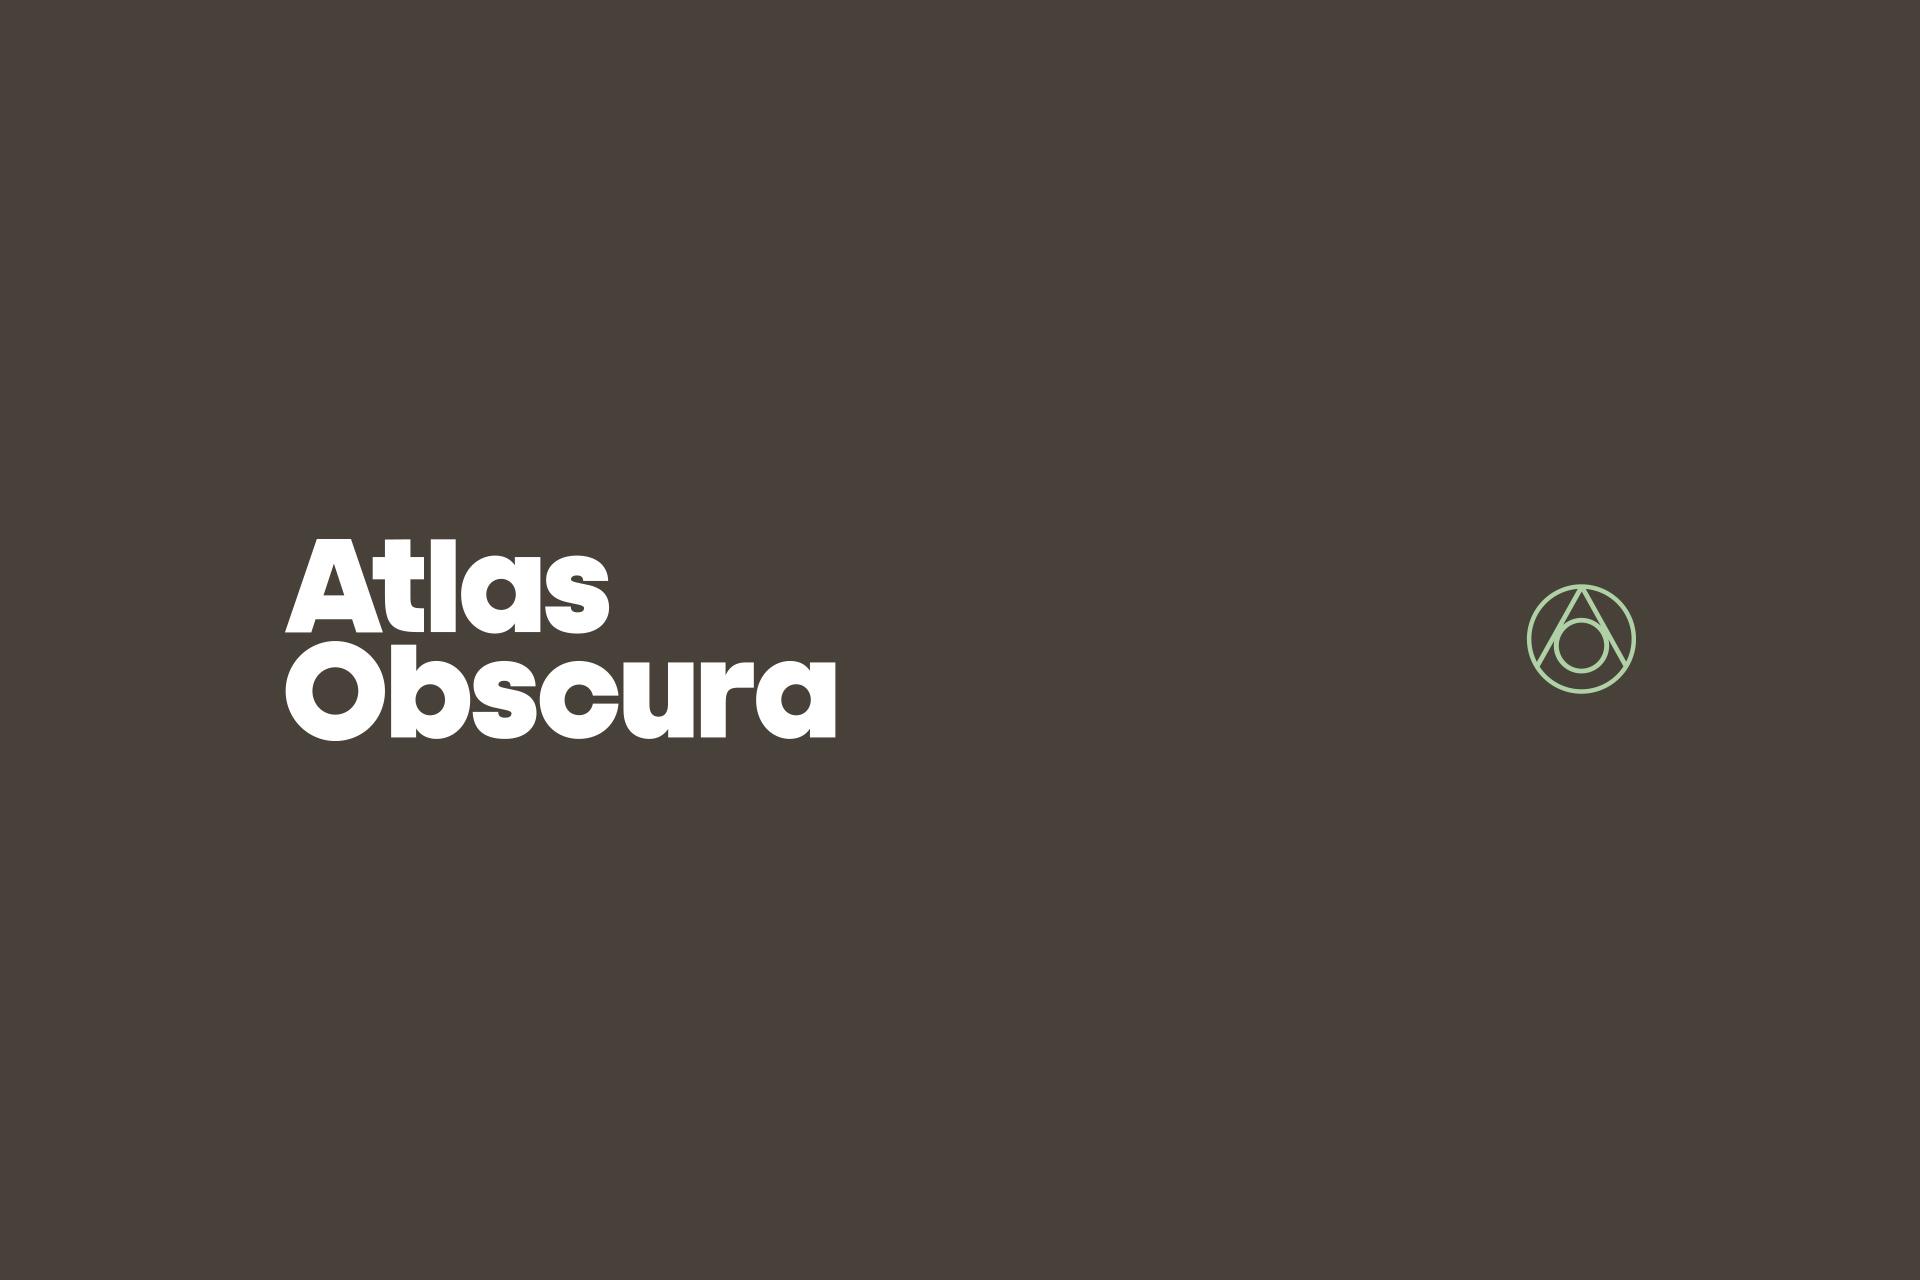 Anagraph-AtlasObscura-logo